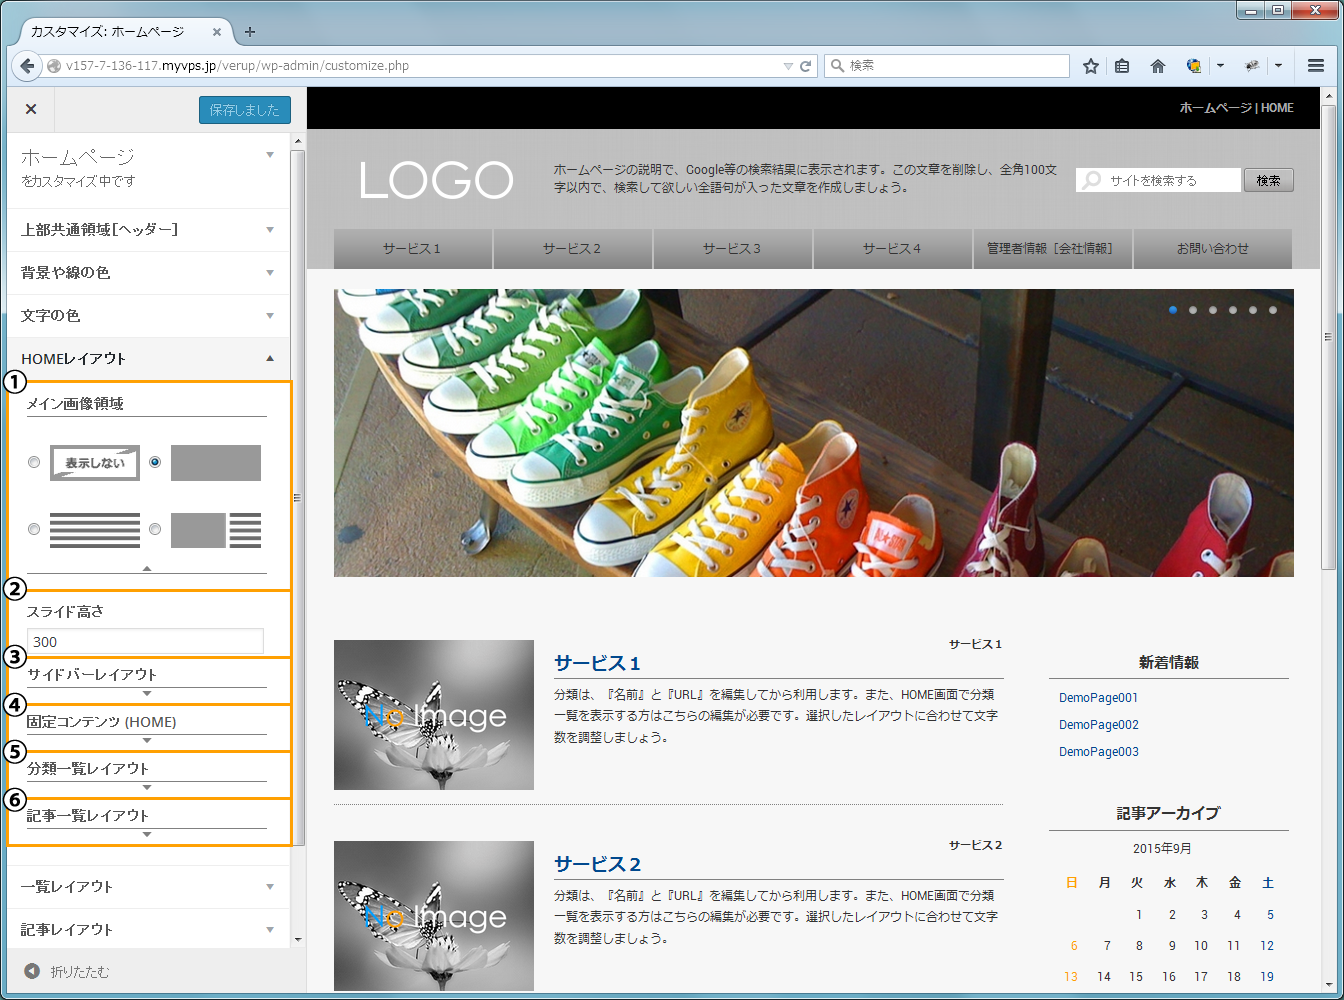 サイトデザイン HOMEレイアウト | 初期費用無料ホームページ作成サイト - FunMaker